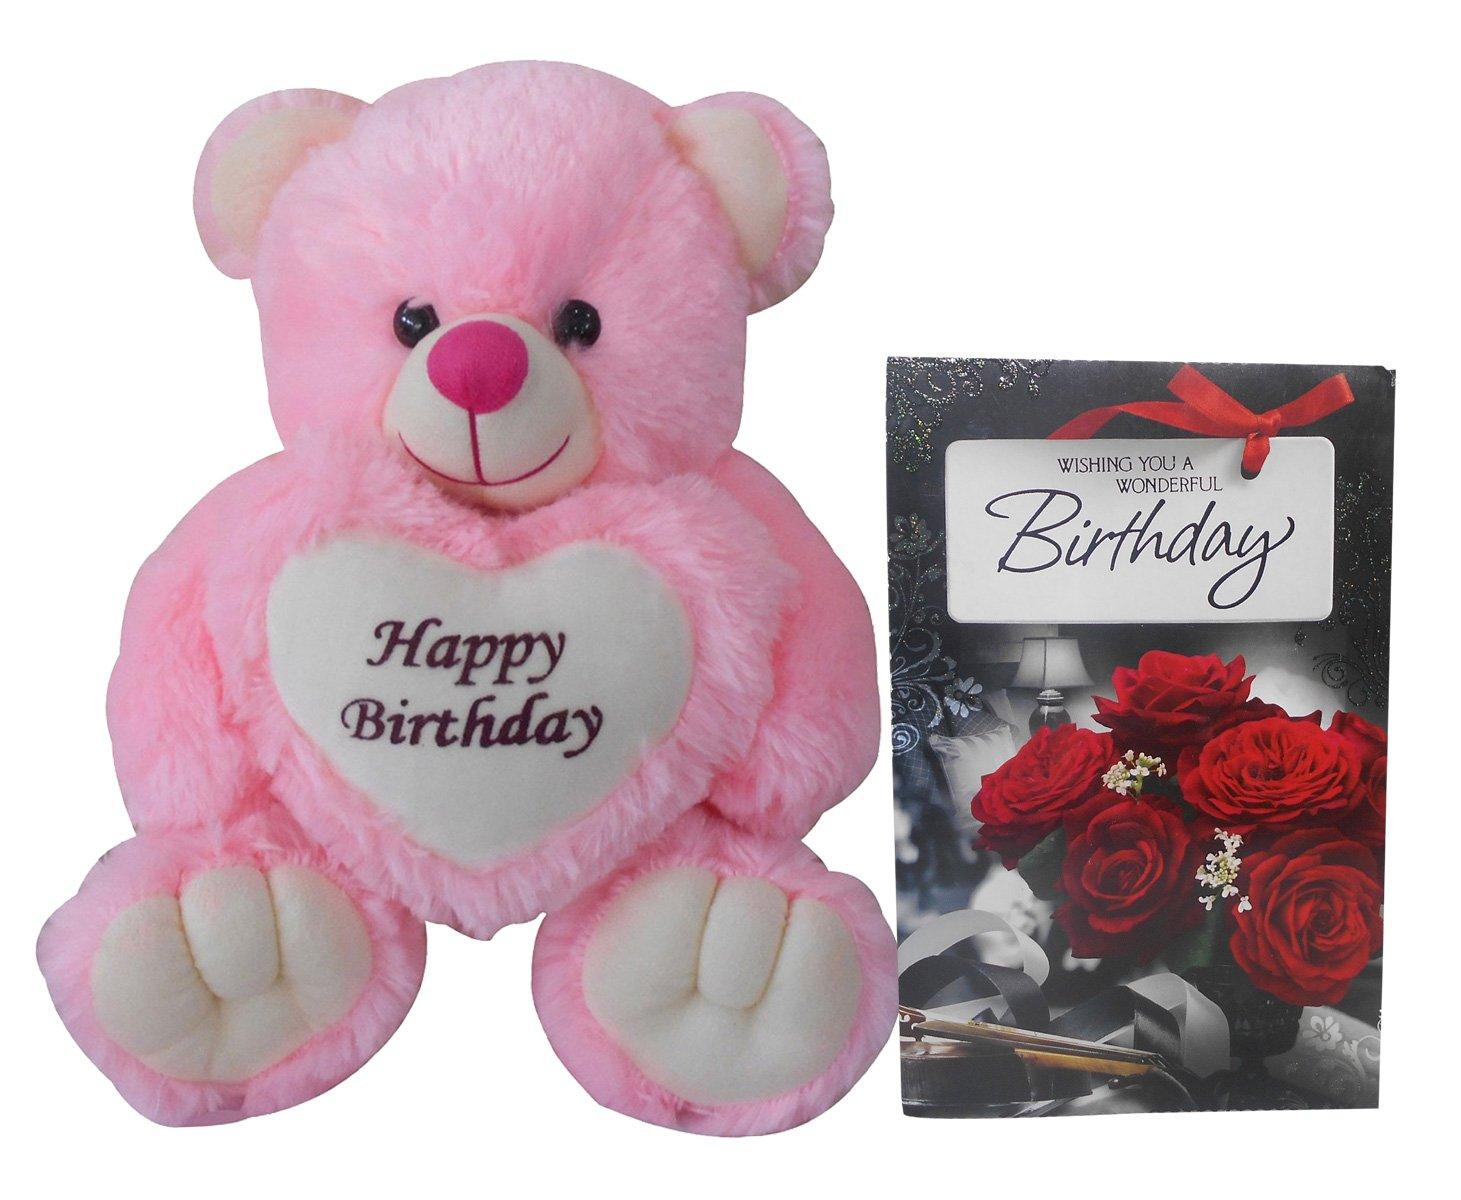 Buy Saugat Traderstm Birthday Gift Combo Happy Birthday Soft Teddy